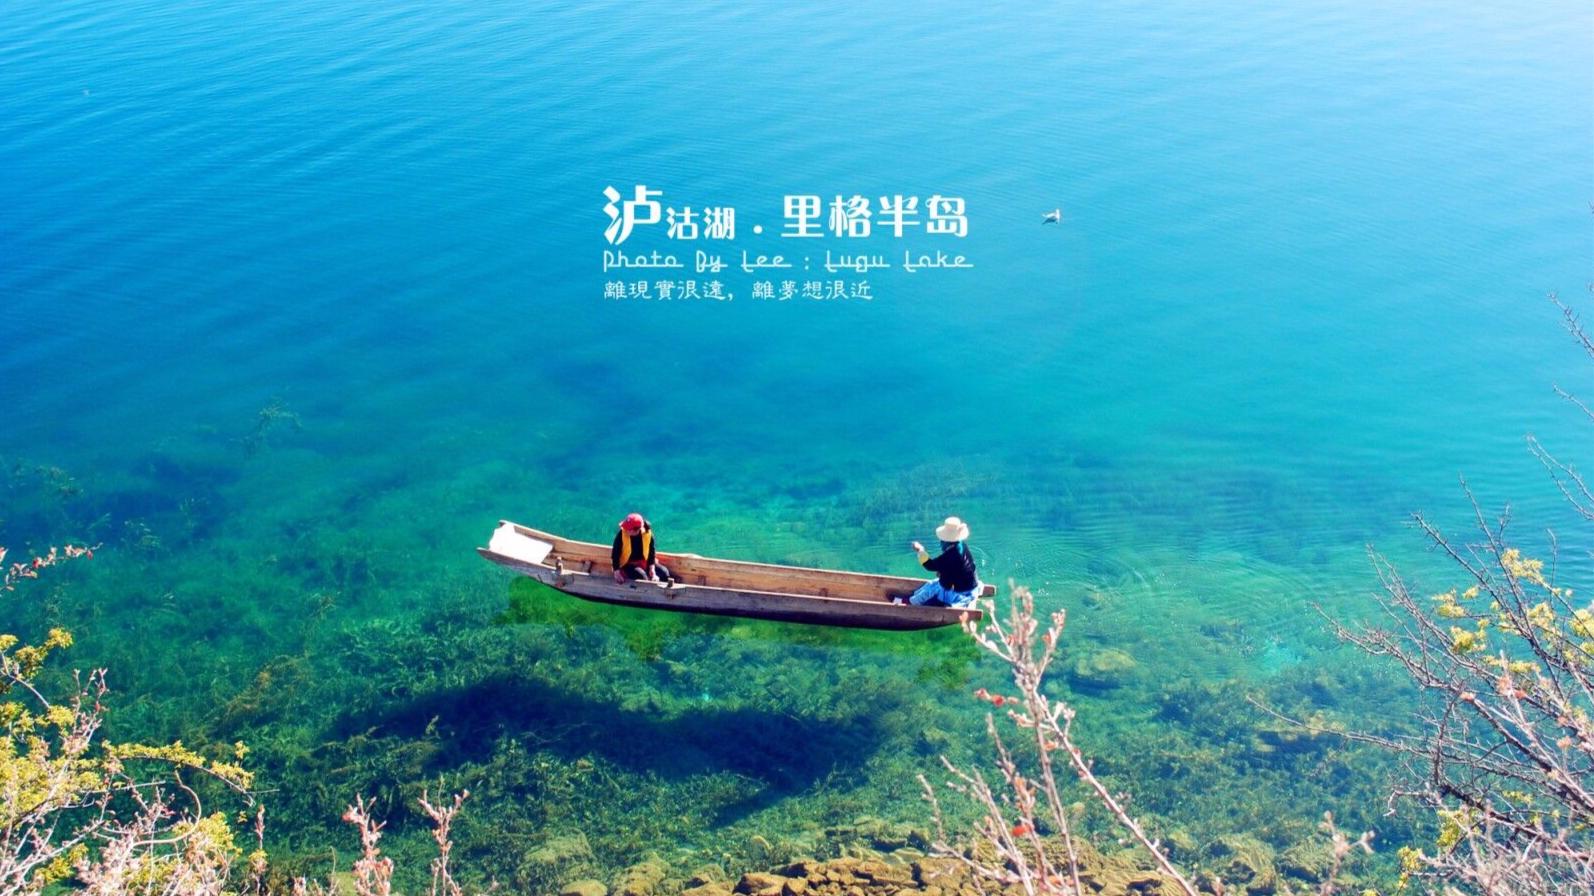 云南昆明丽江大理洱海香格里拉女儿国泸沽湖虎跳峡